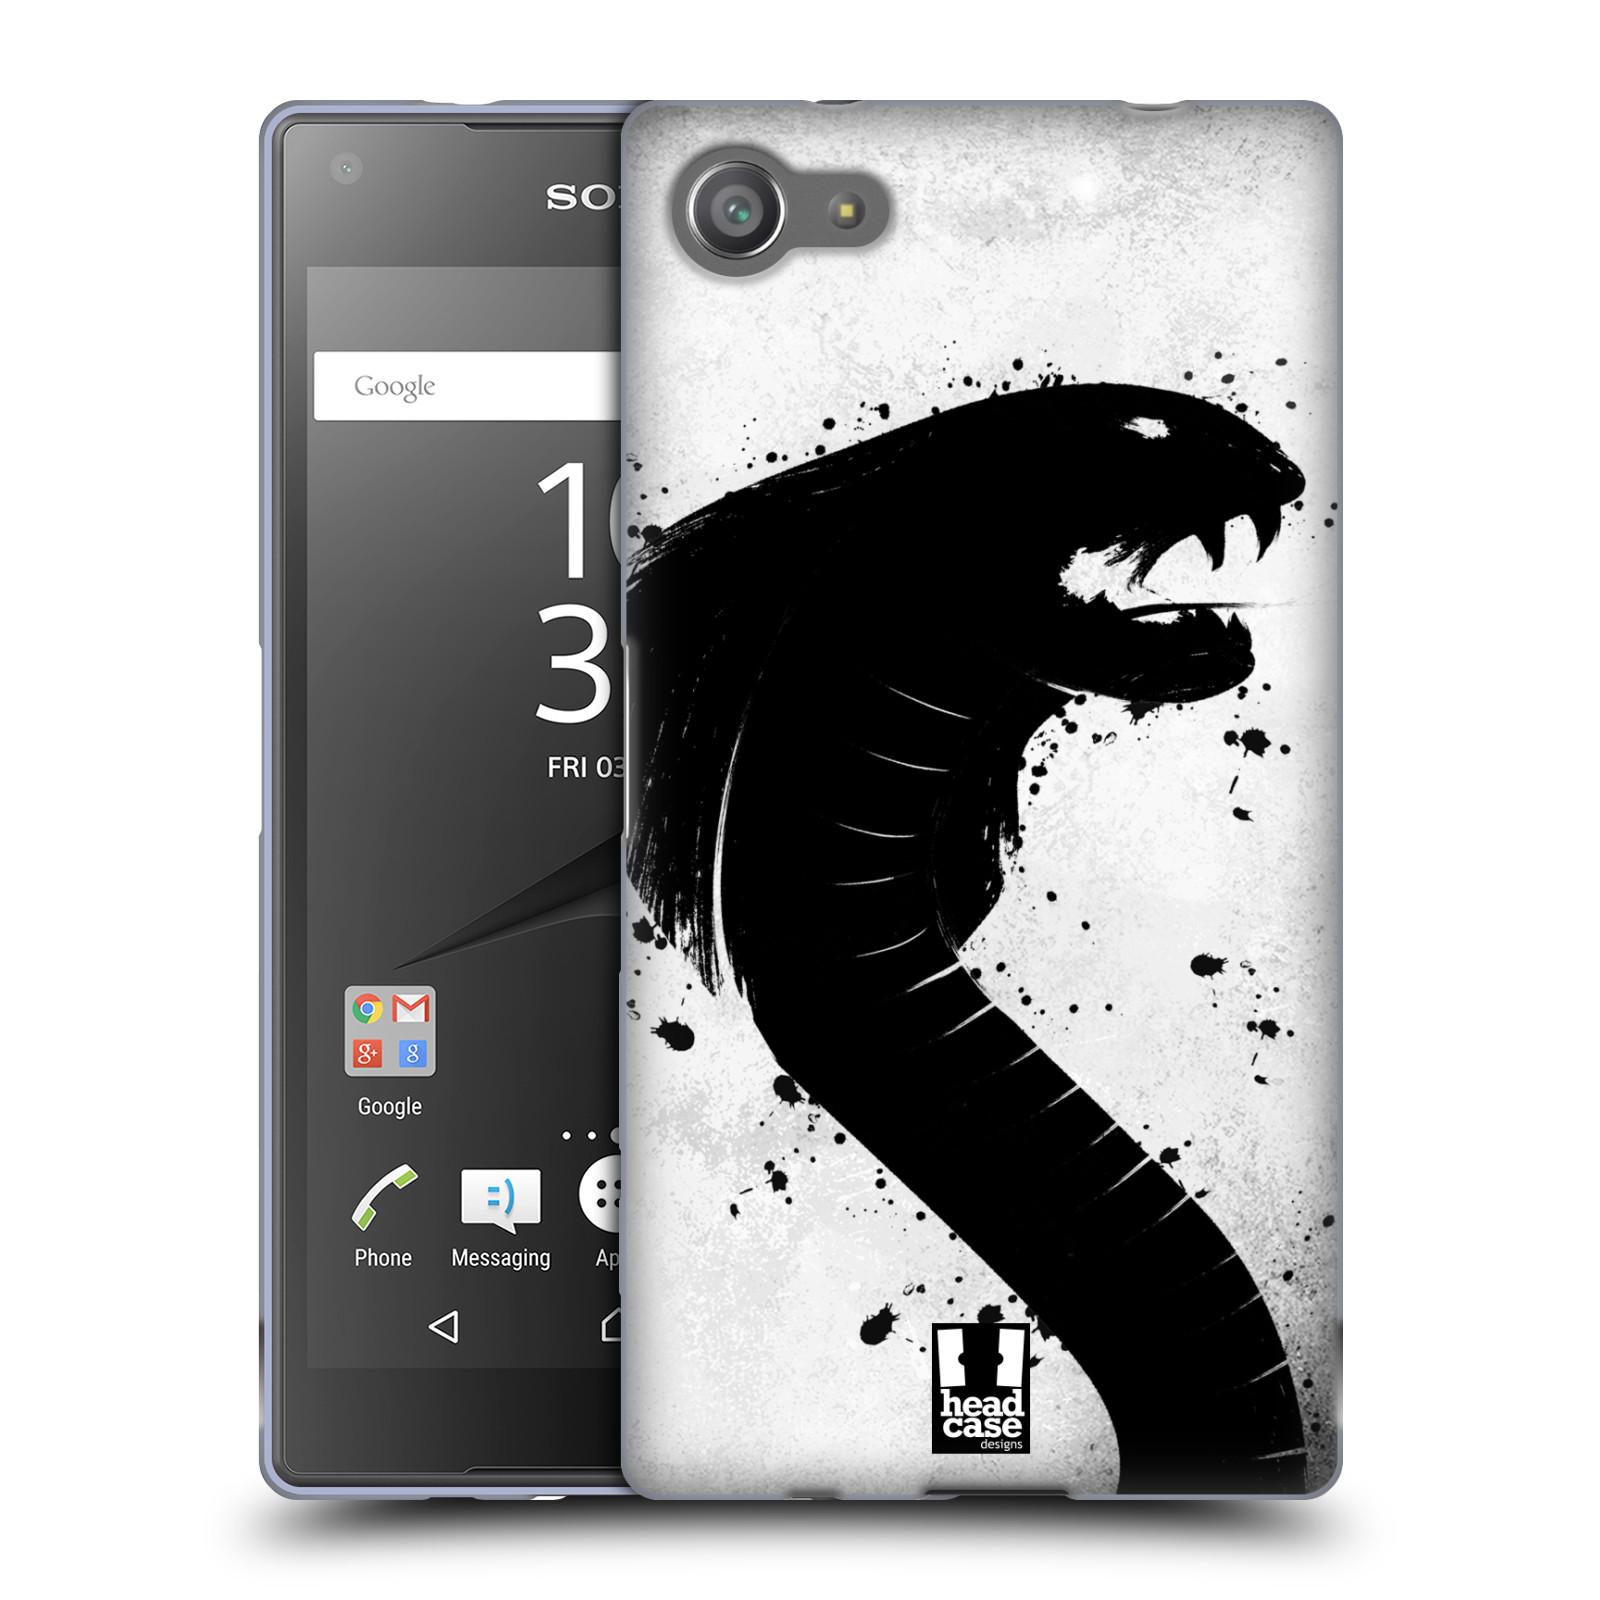 HEAD CASE silikonový obal na mobil Sony Xperia Z5 COMPACT vzor Kresba tuš zvíře had kobra